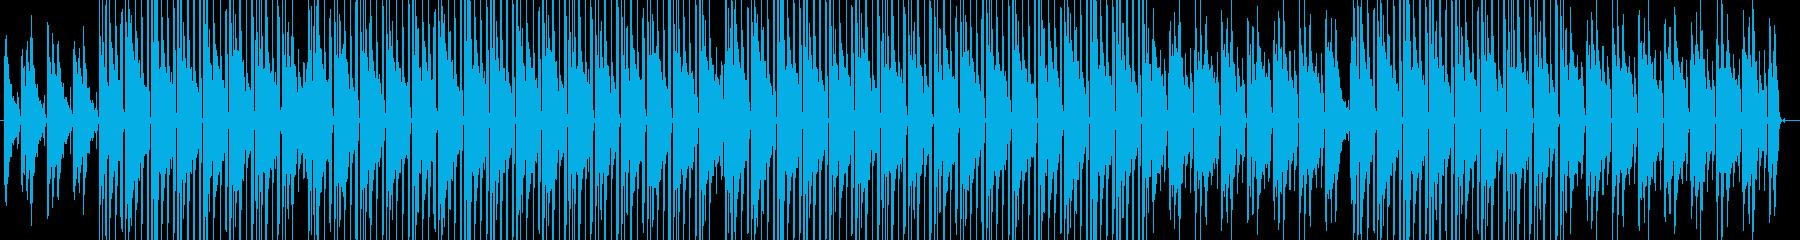 お洒落/夜の街/ジャズ/ヒップホップの再生済みの波形